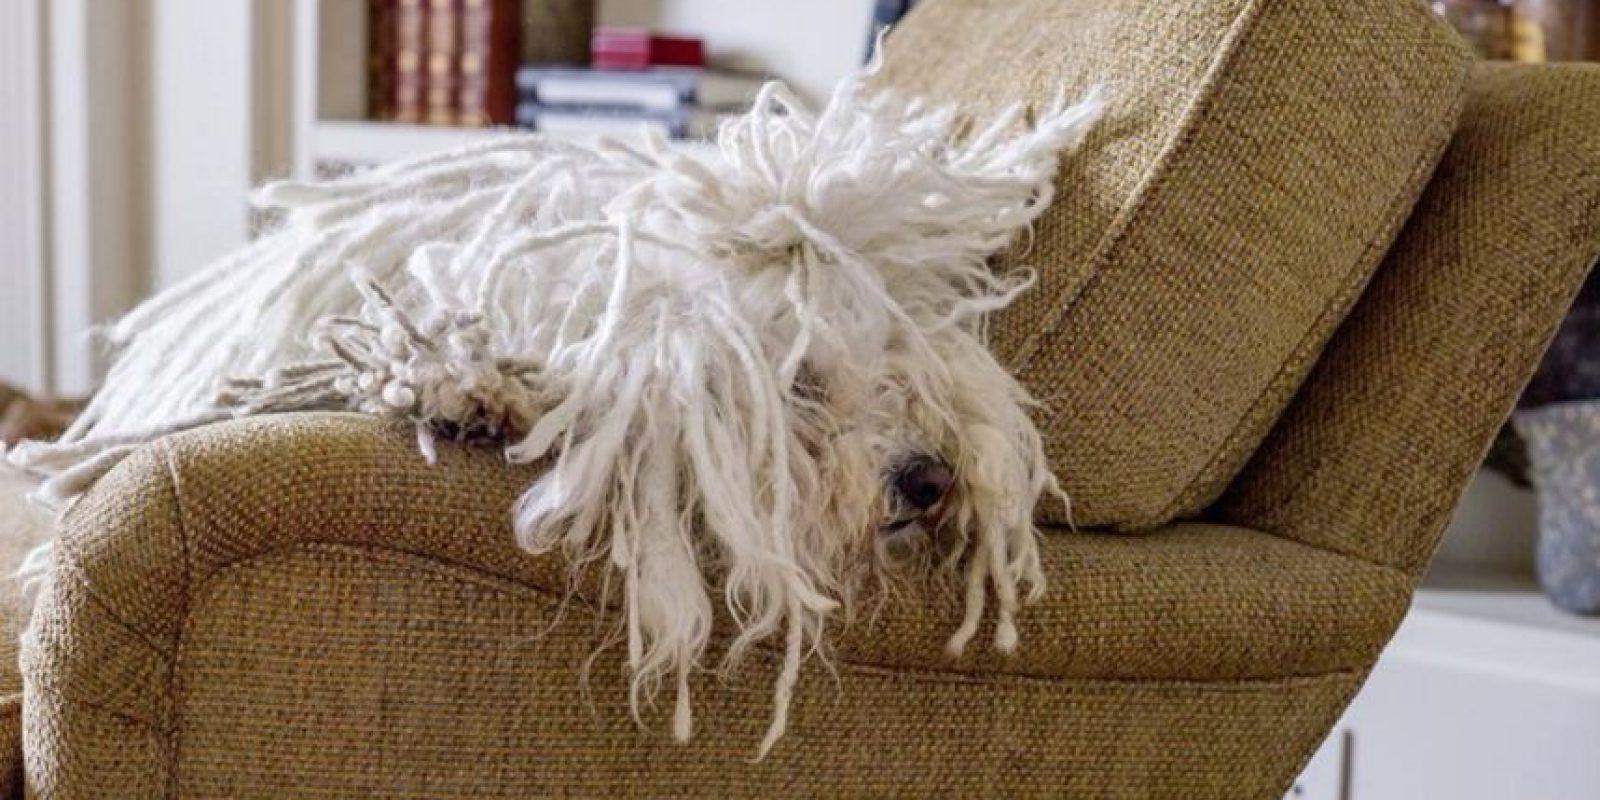 Su cabello es enorme. Foto:facebook.com/beast.the.dog